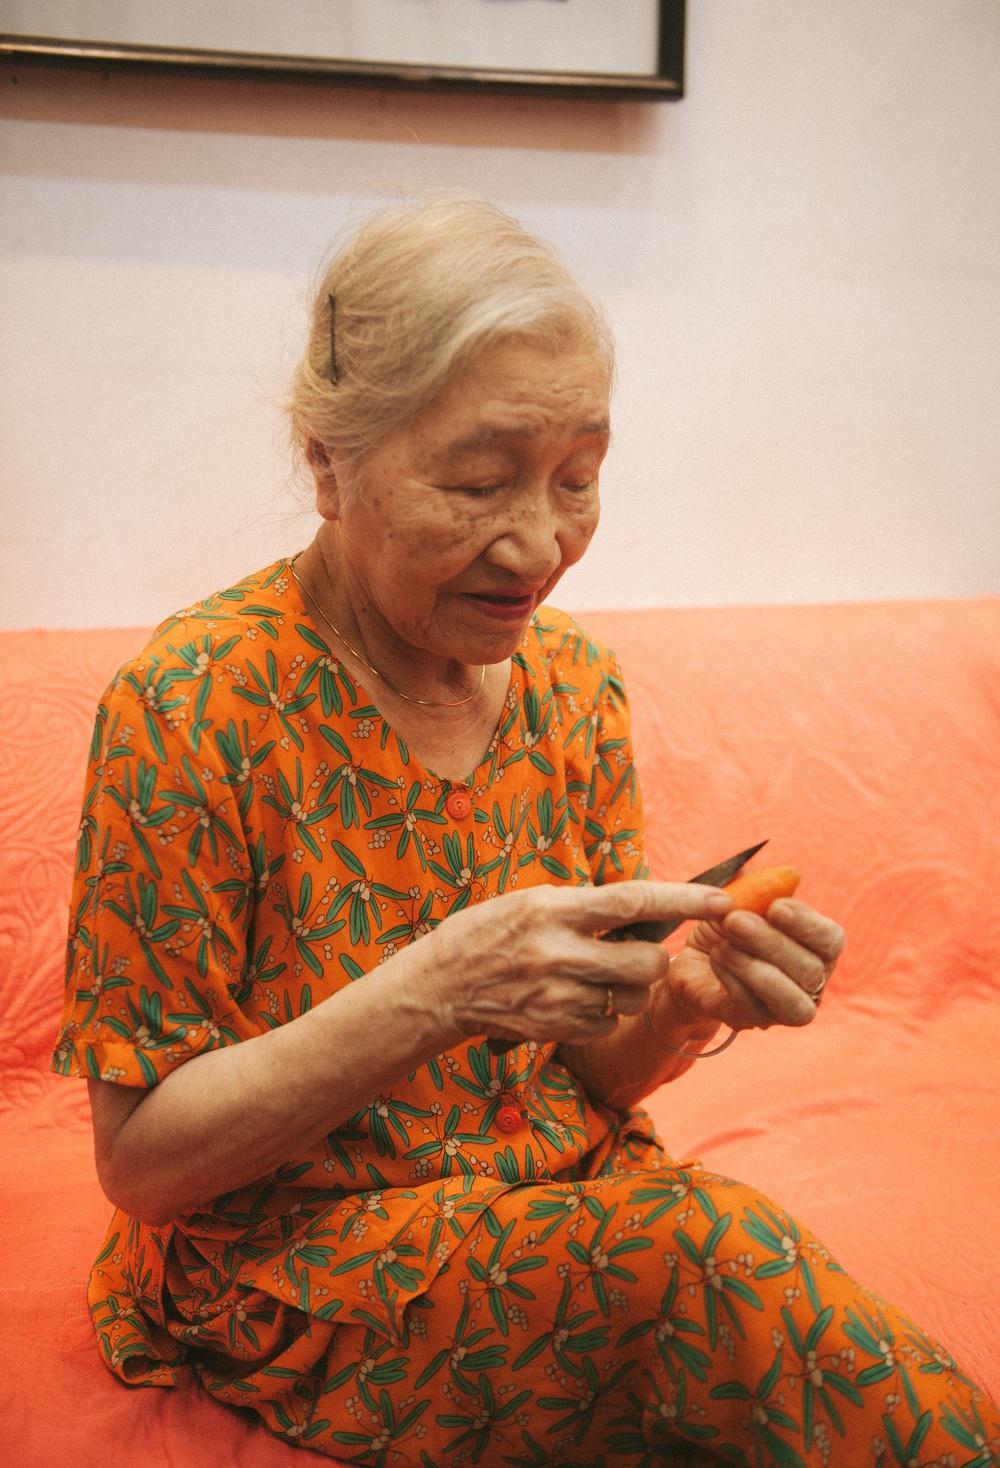 Cụ bà gìn giữ truyền thống mâm cỗ Trung thu - Ảnh 2.